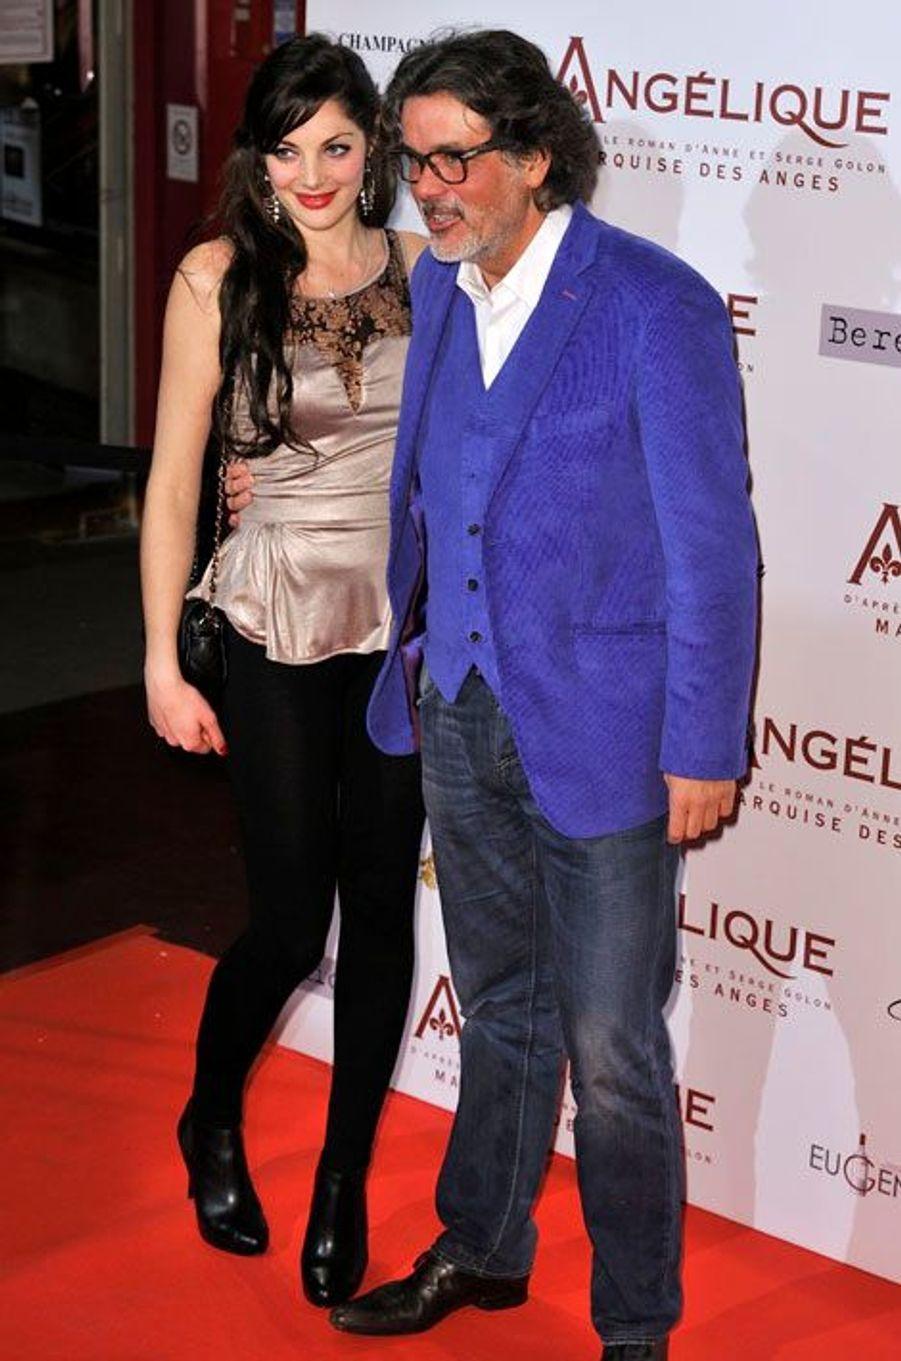 Le réalisateur Christophe Barratier et son amie Gwendoline